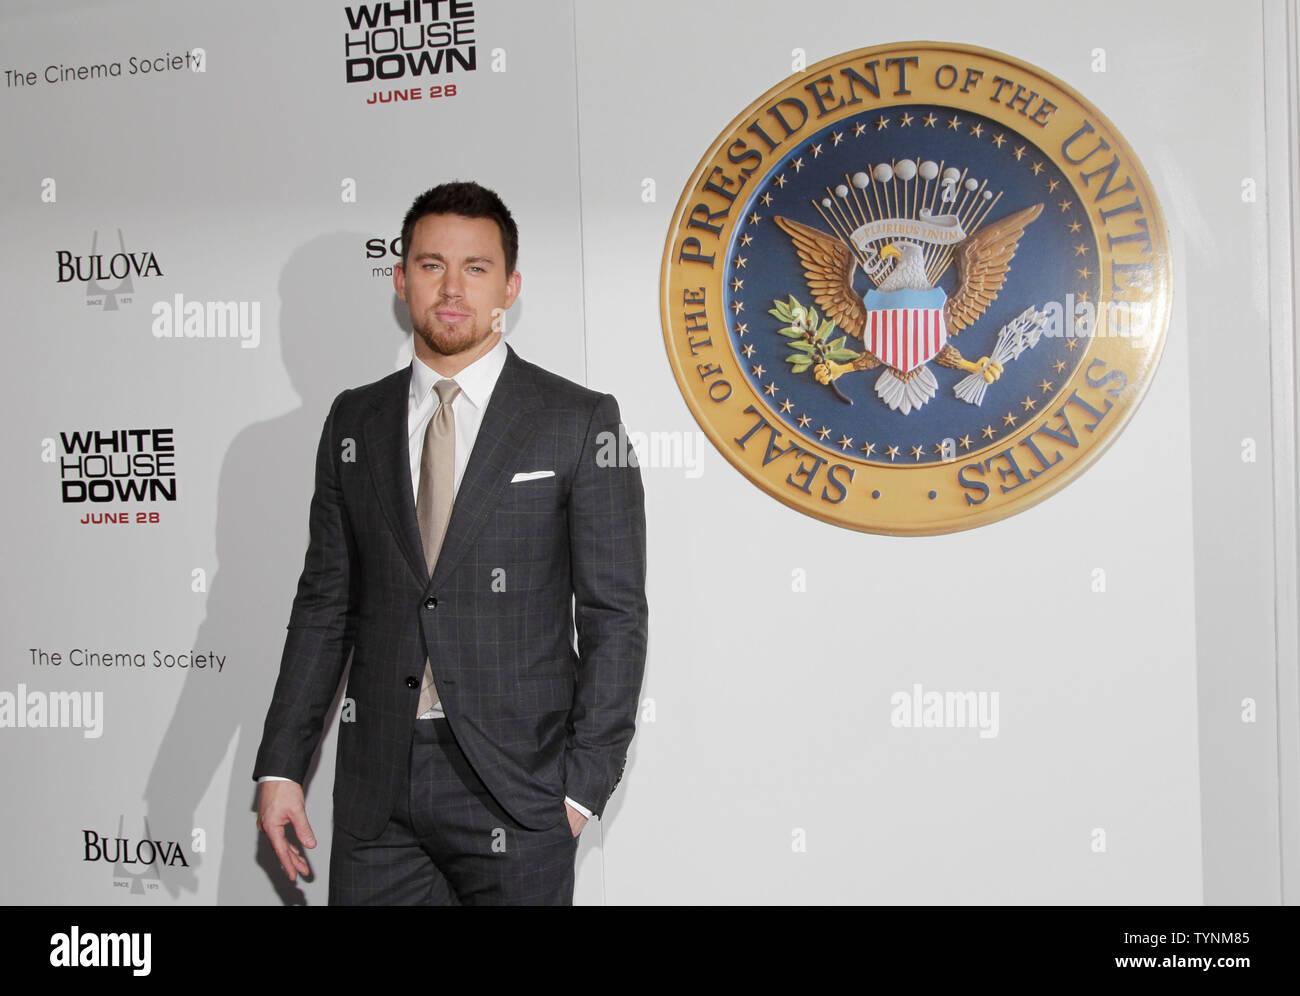 Channing Tatum kommt auf dem roten Teppich bei der Premiere von 'Weißen Haus' im Ziegfeld Theatre in New York City am 25. Juni 2013. UPI/John angelillo Stockbild